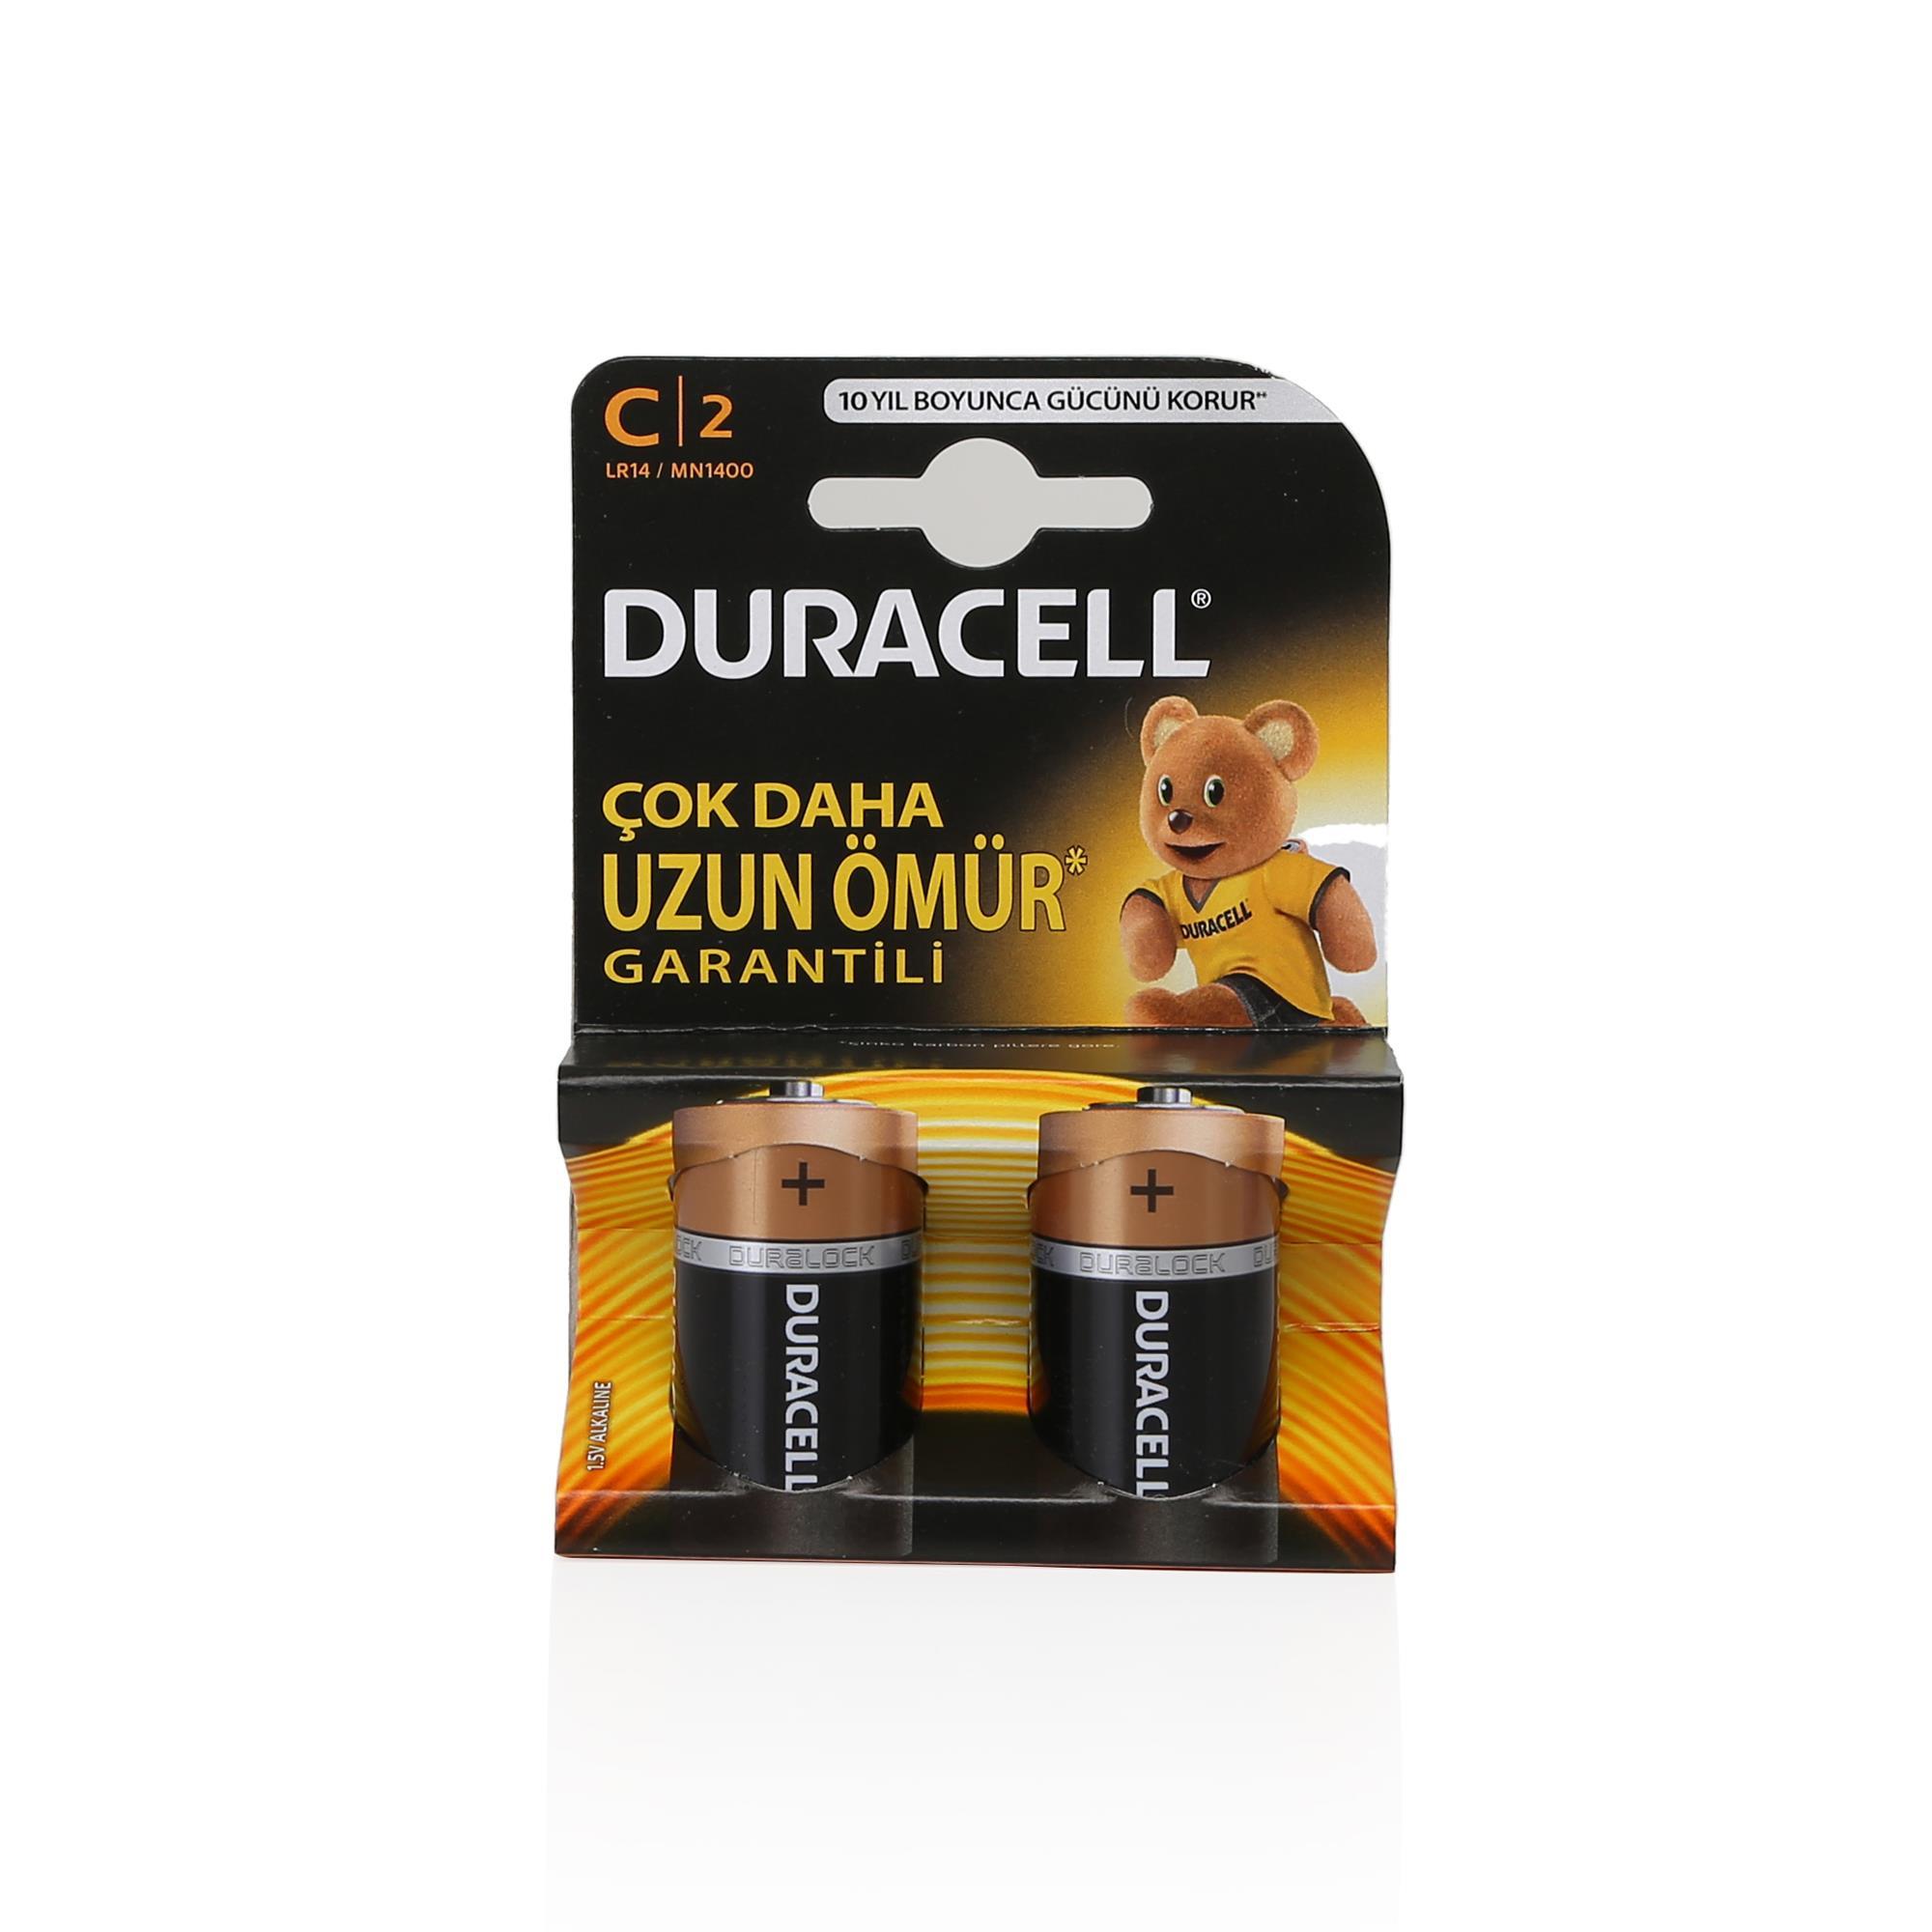 DURACELL C ORTA PİL 2\'Lİ